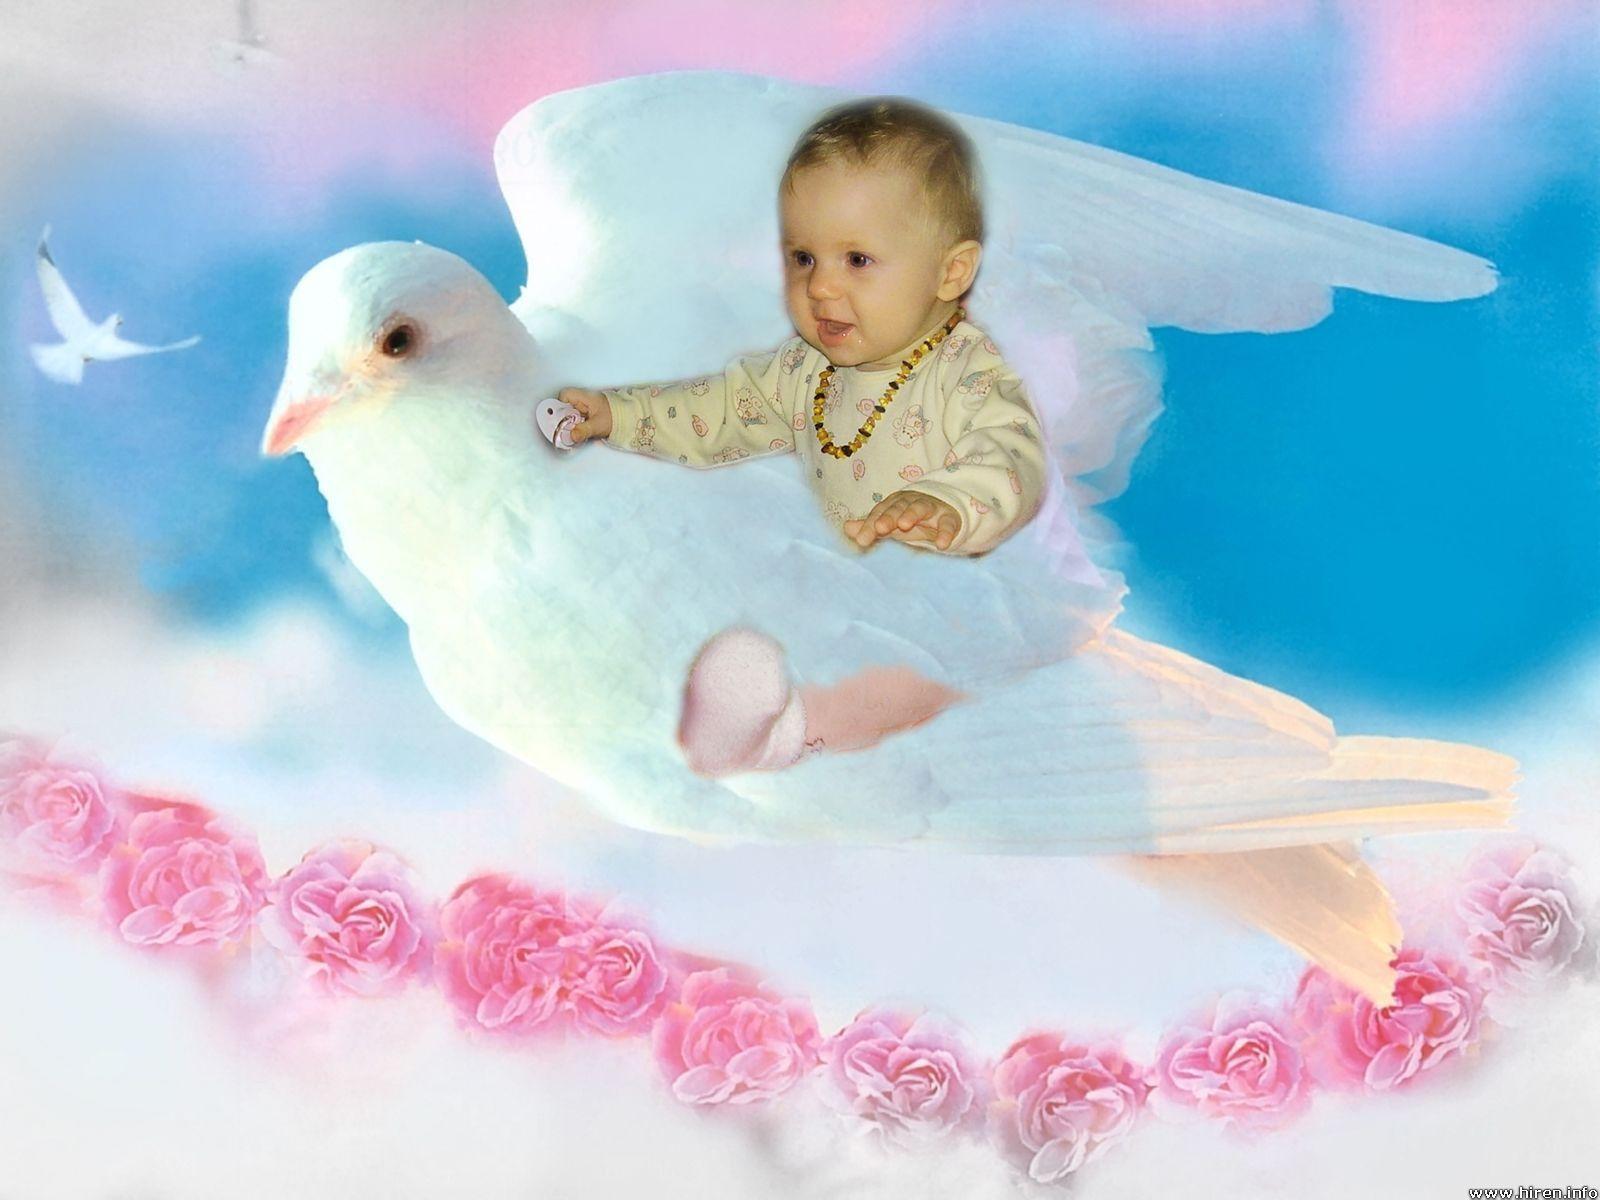 cutieeees   babies Wallpaper 18062607 1600x1200